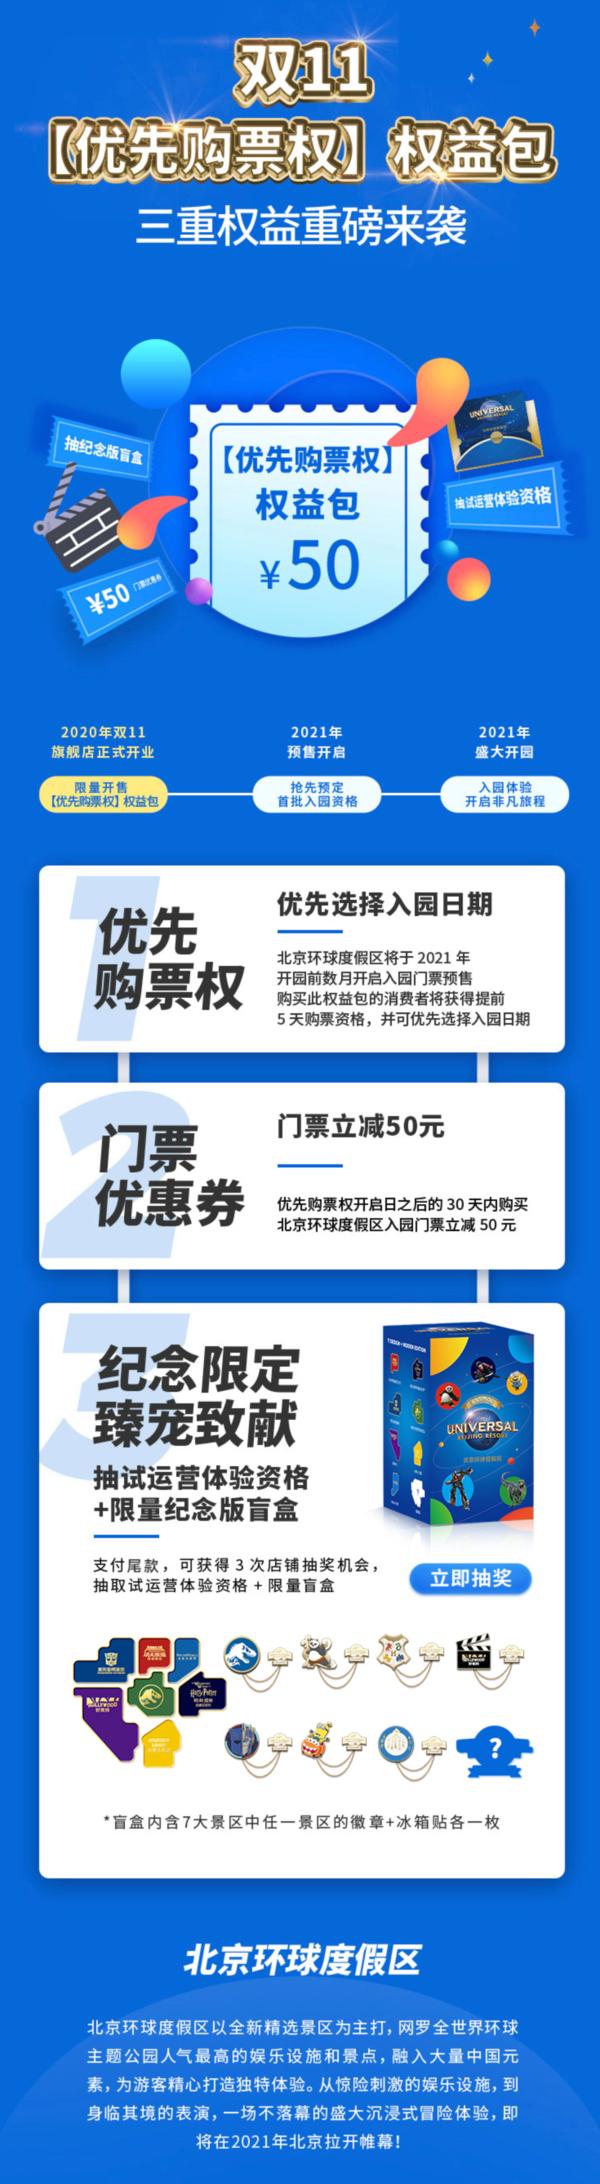 享50元门票优惠!北京环球度假区-膨胀权益包